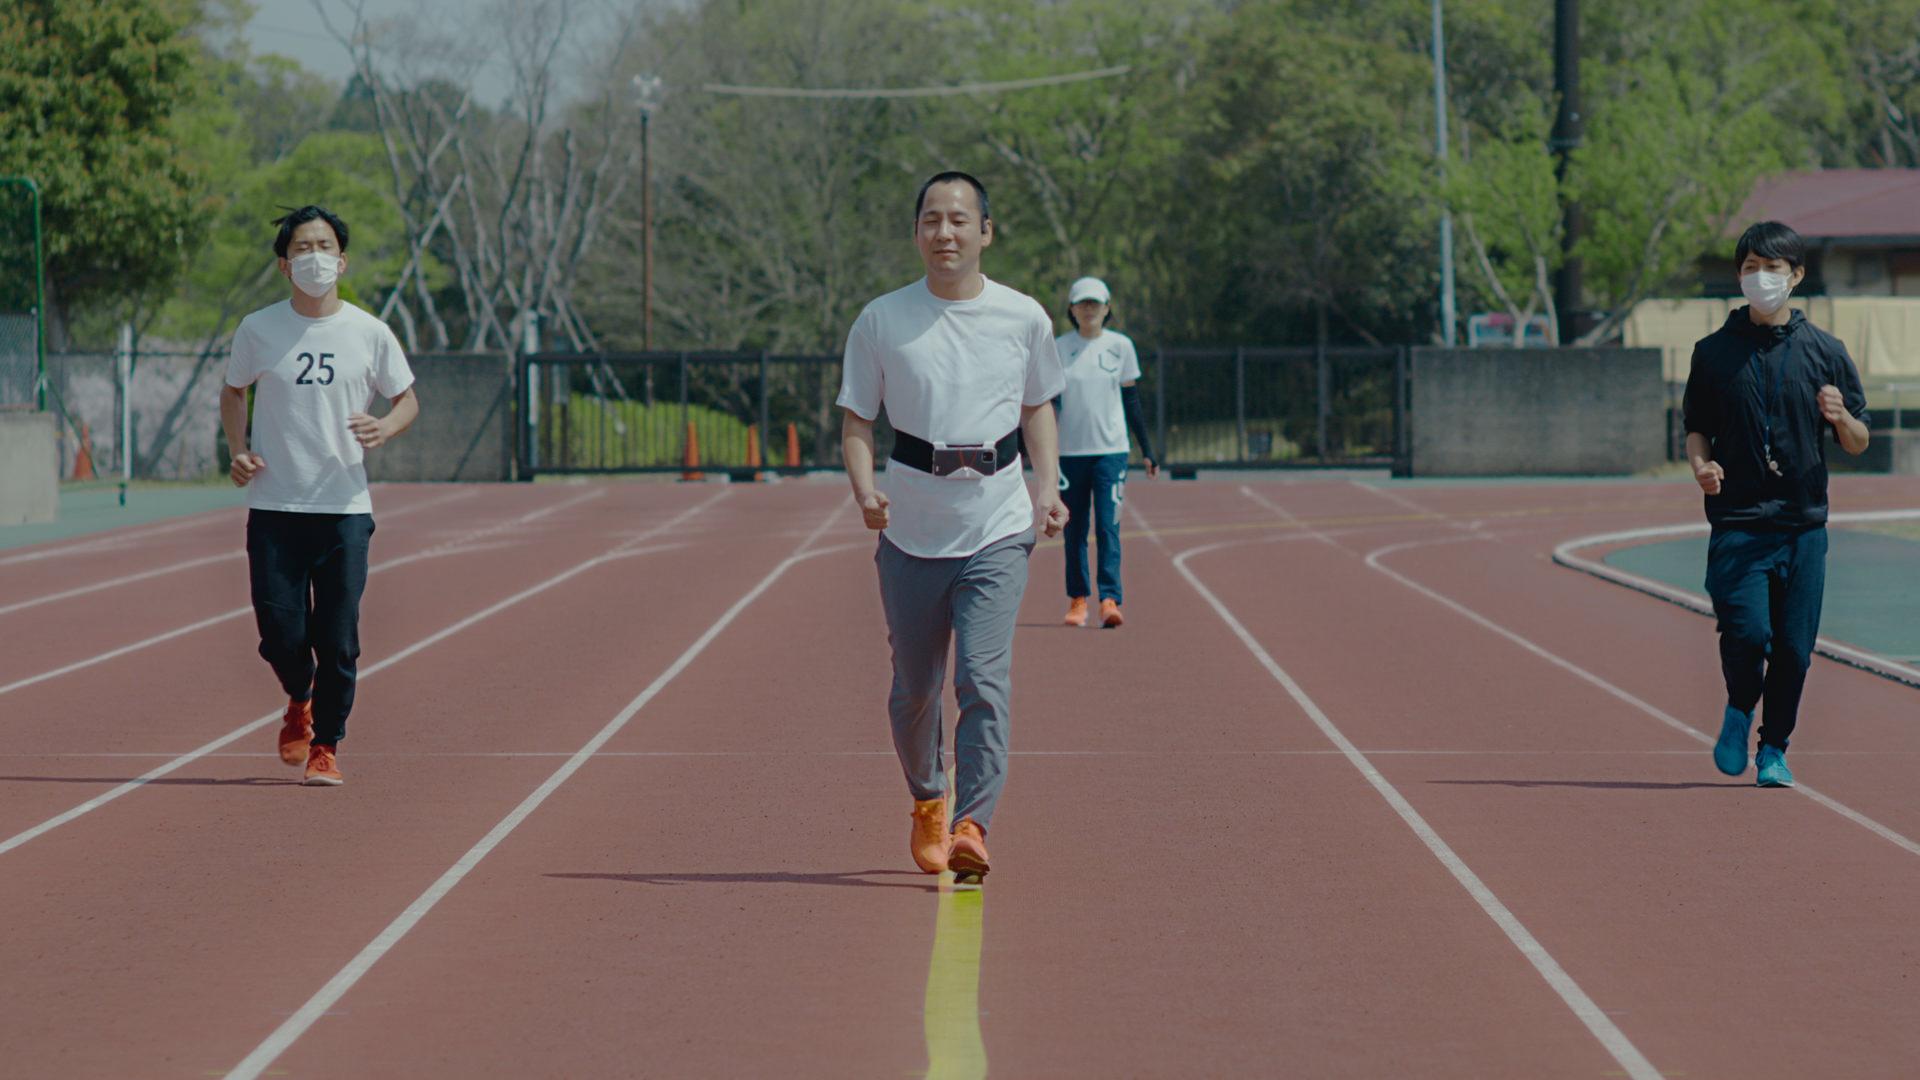 写真:コース上に貼られた黄色いガイドラインのテープに沿って歩く御園さんと、その周りを見守る御園朋子さんとスタッフ。